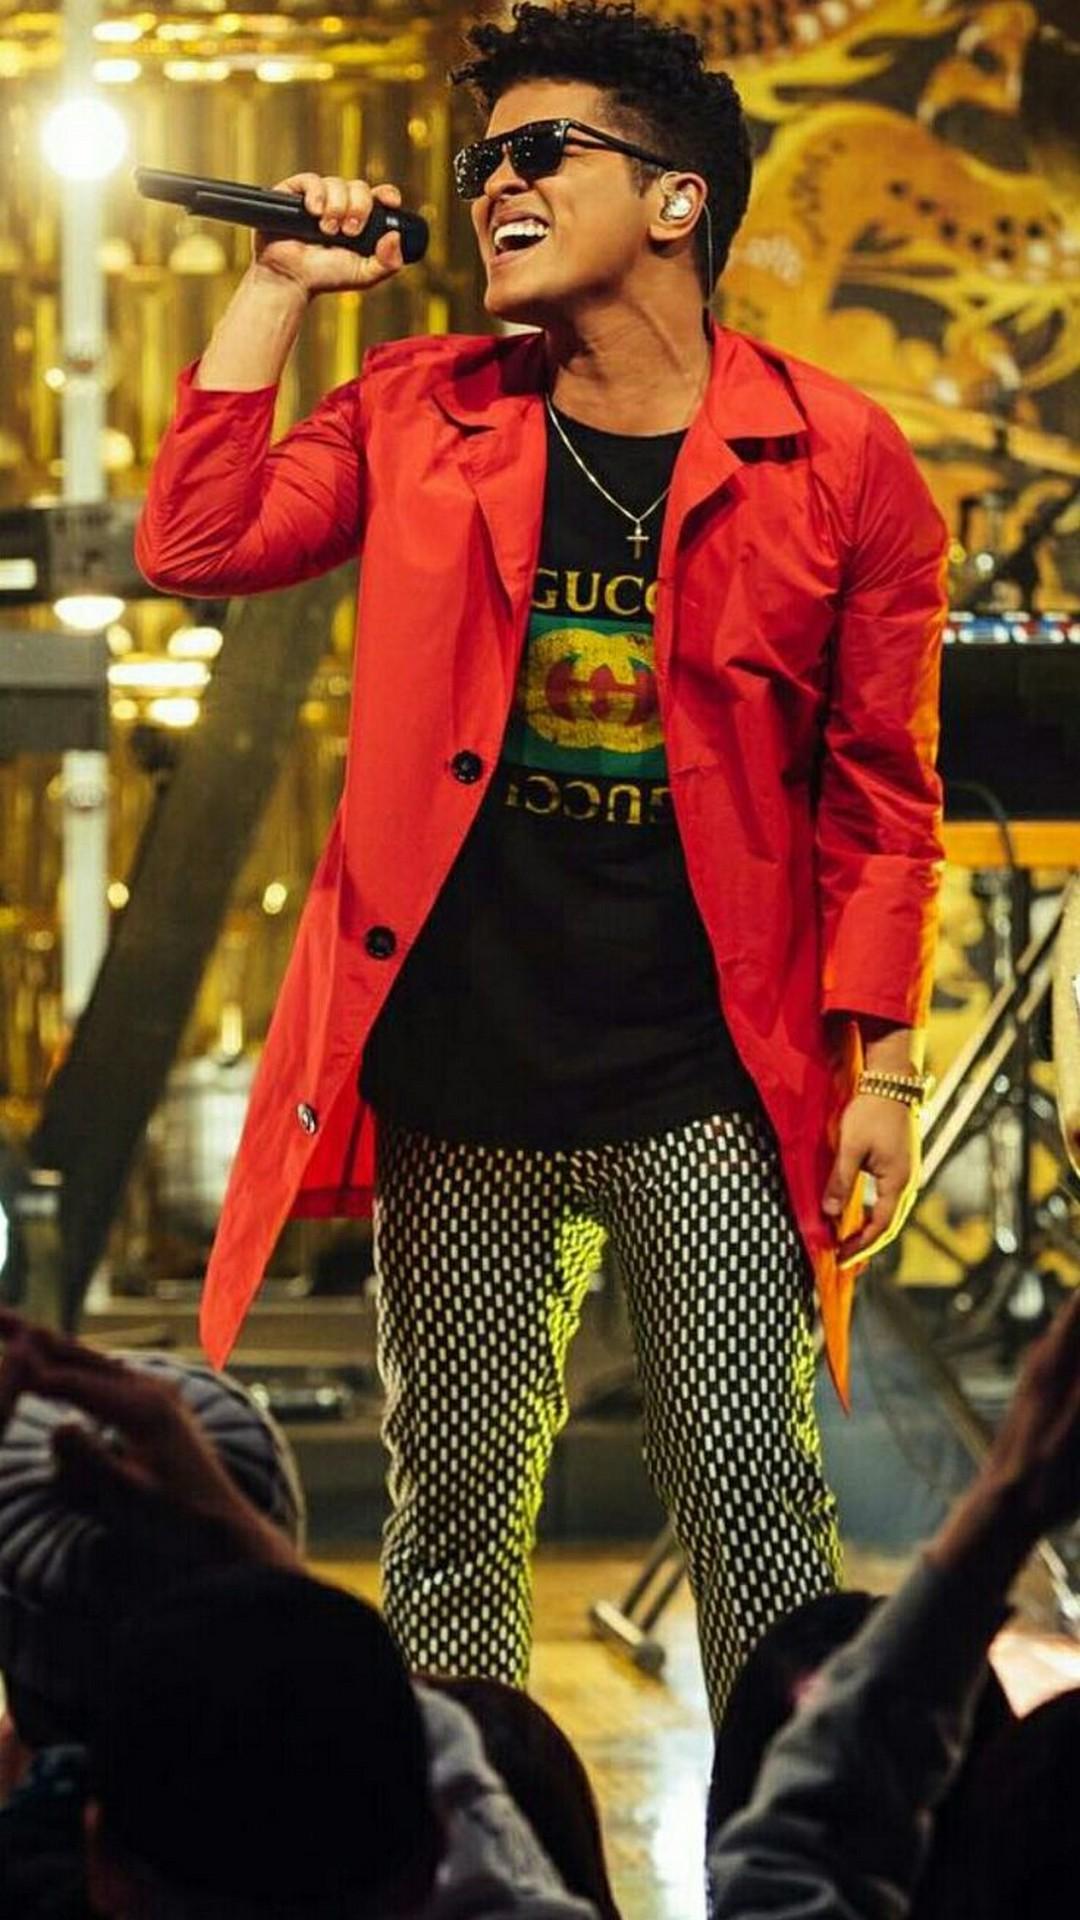 Bruno Mars Concert Iphone Wallpaper Resolution - Bruno Mars Wallpaper Iphone - HD Wallpaper